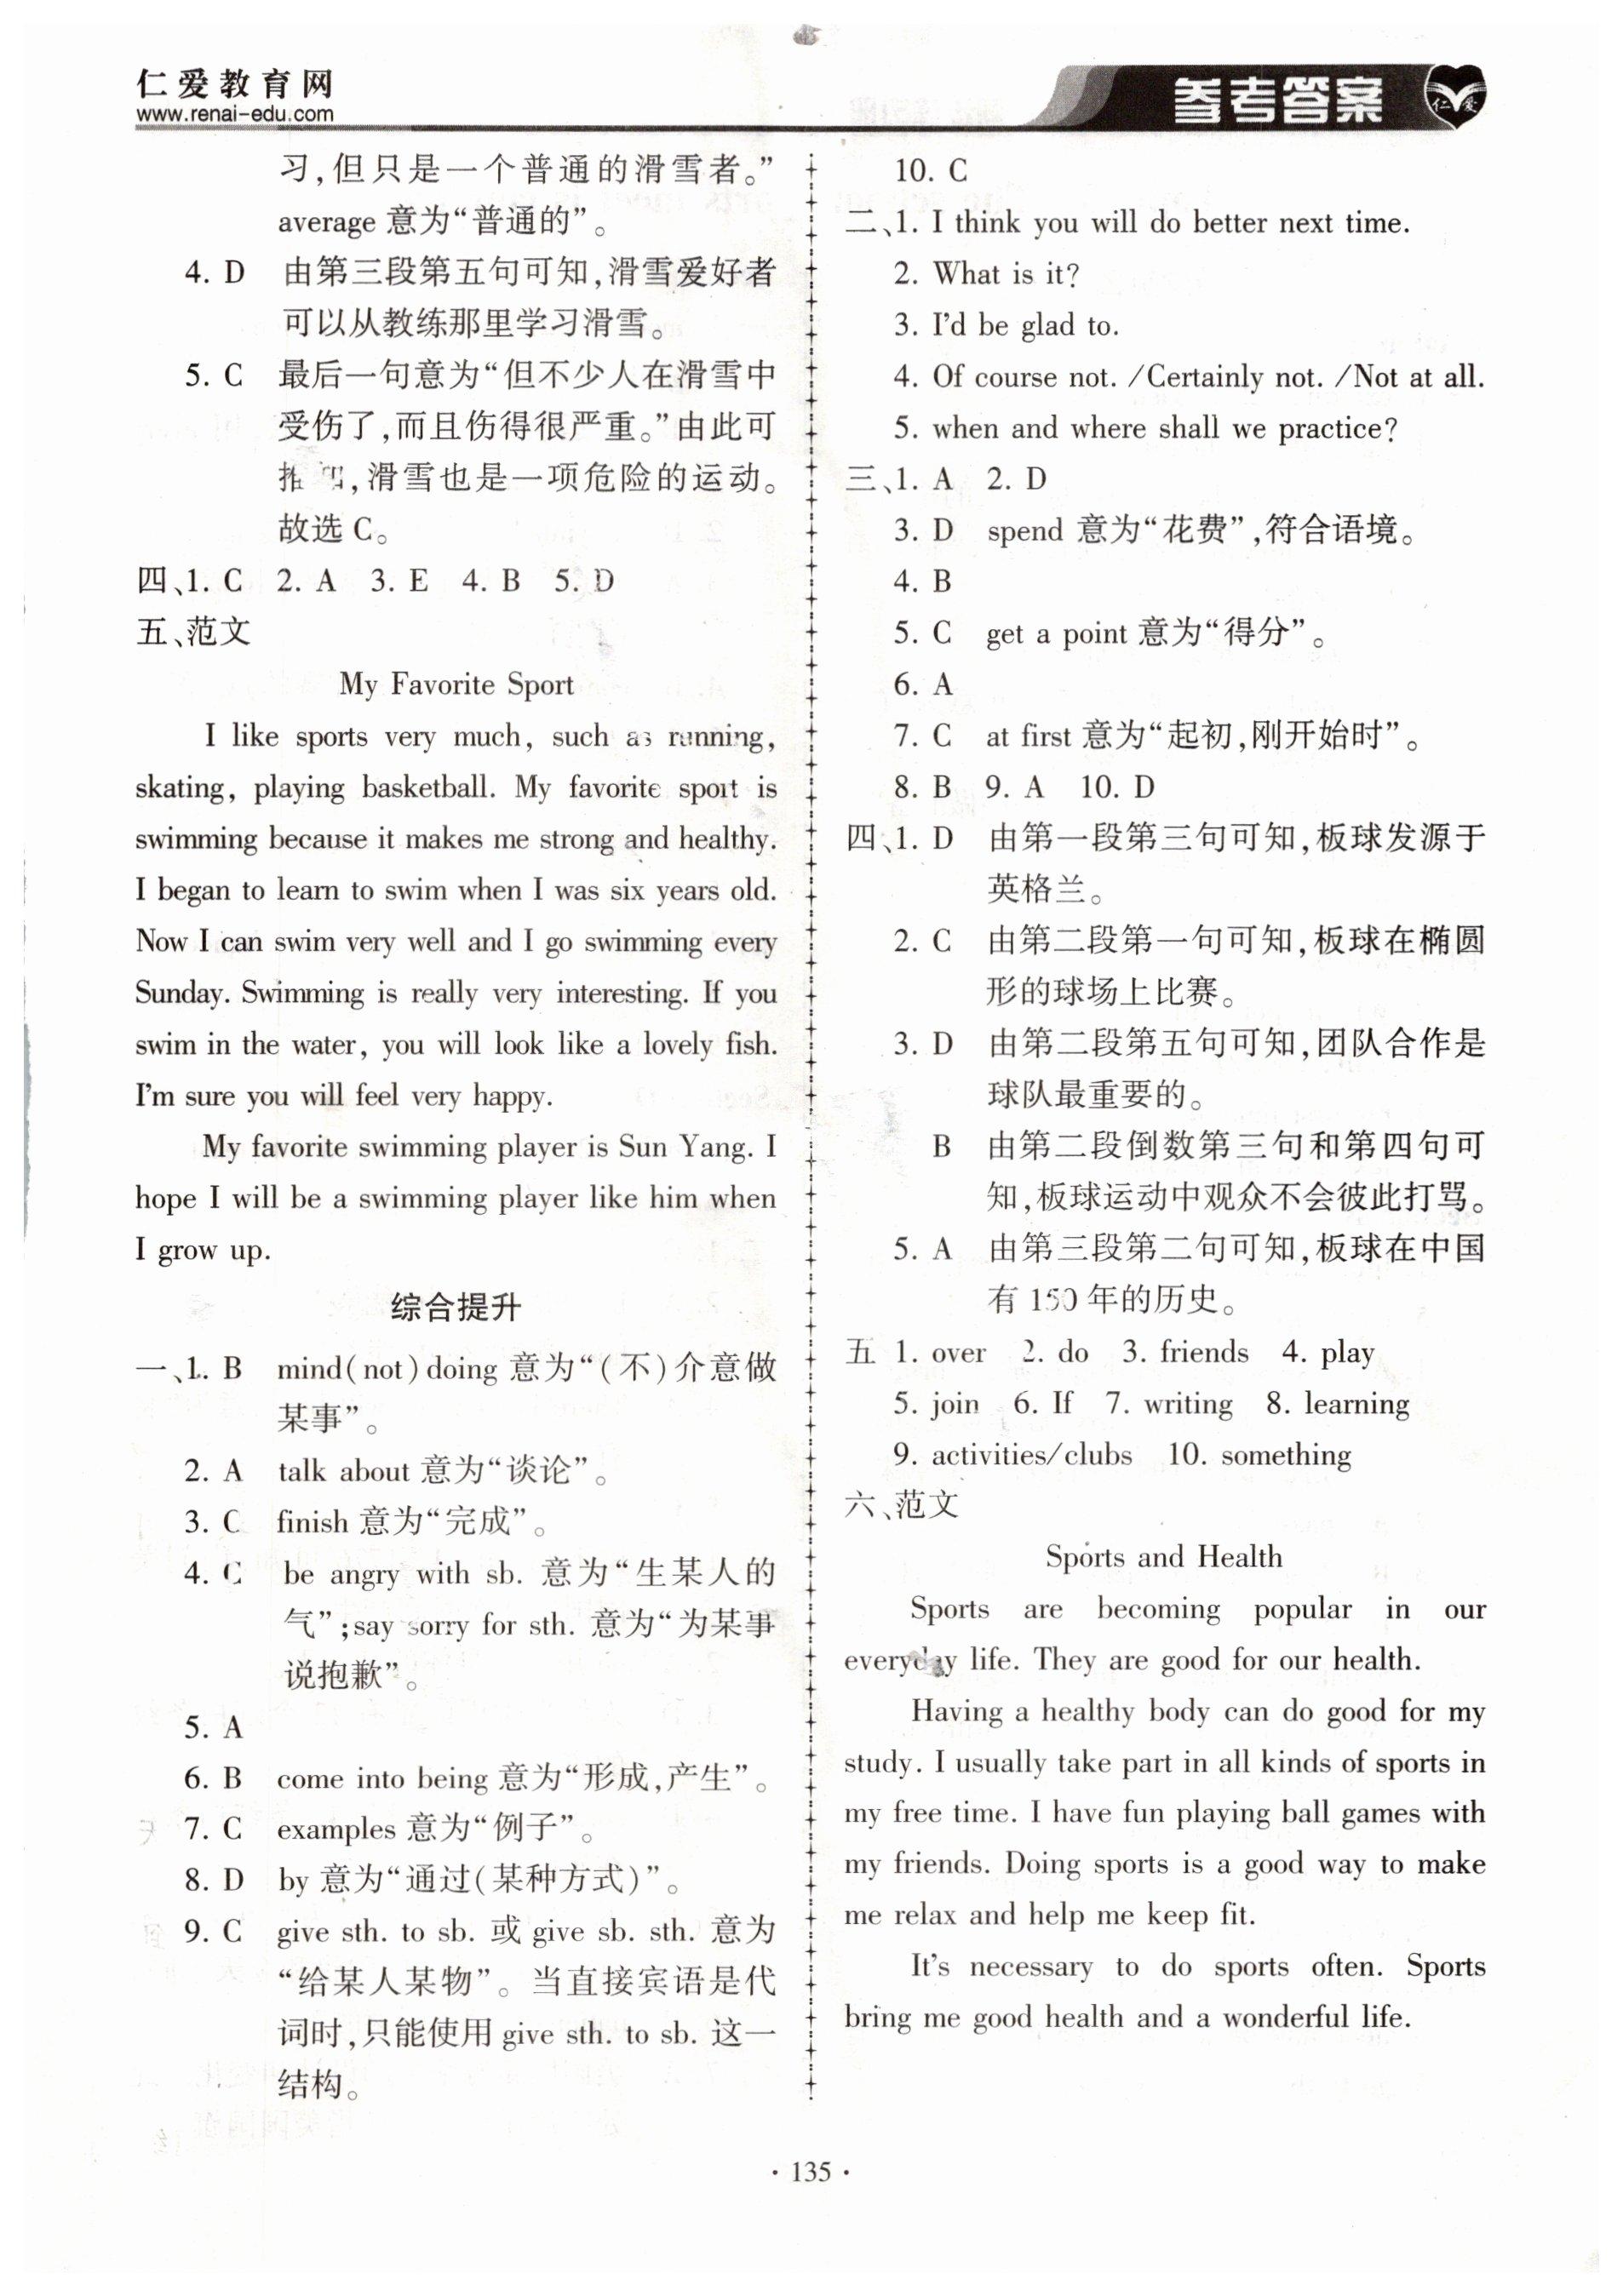 2018年仁爱英语同步练习册八年级上册仁爱版第5页